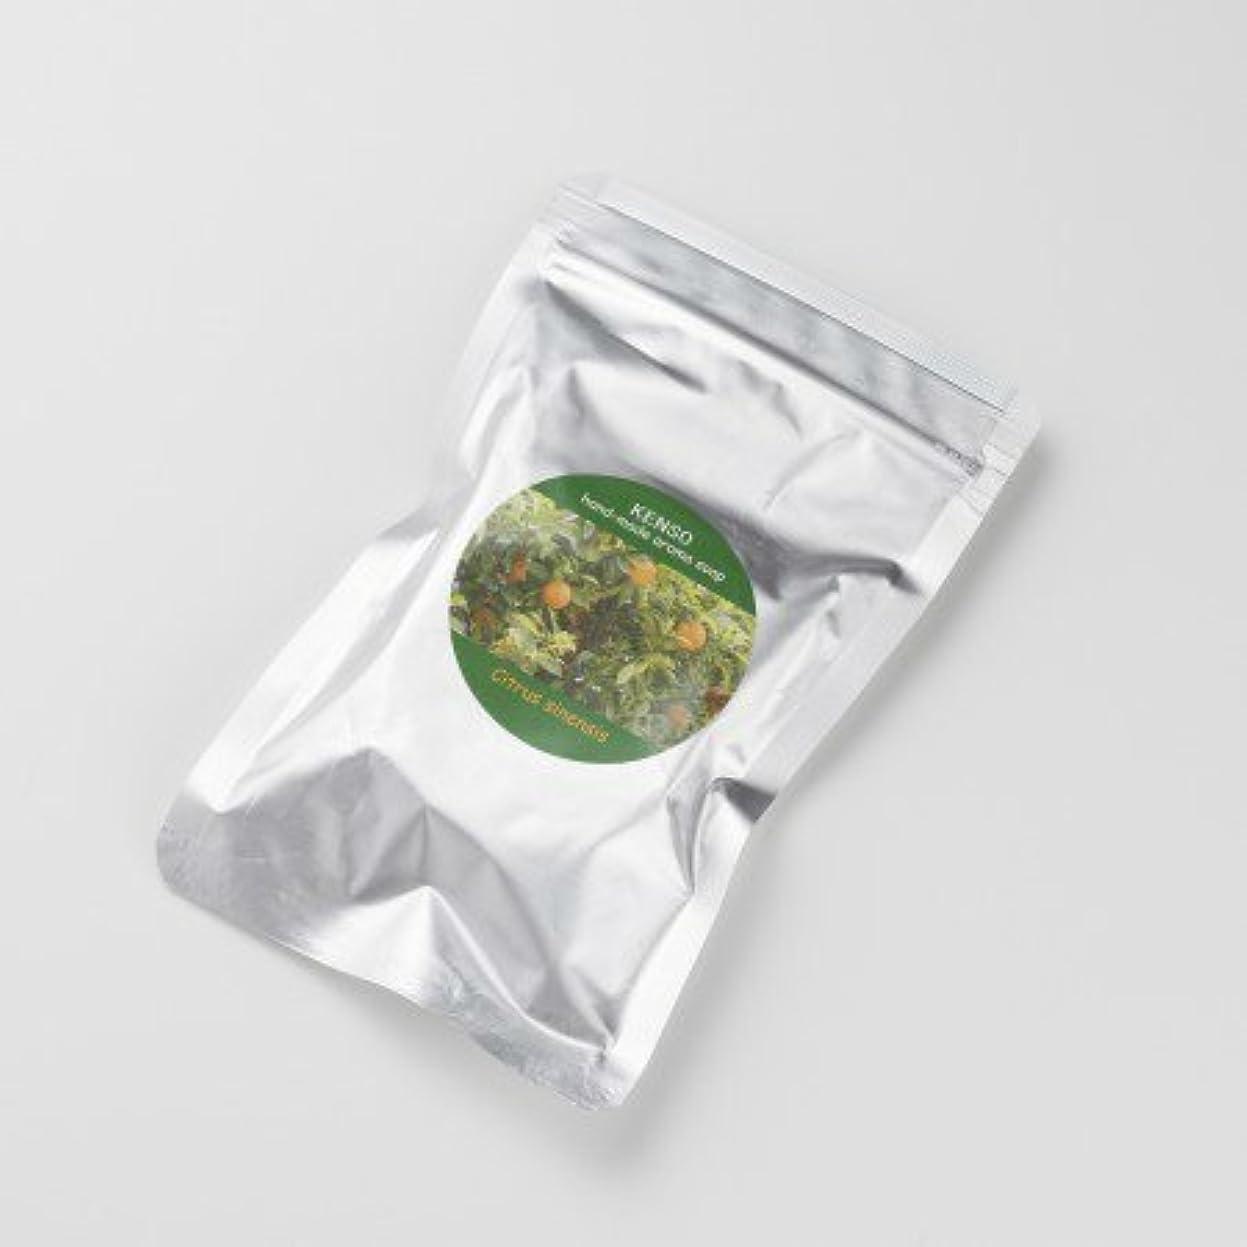 ヤング慢なボアケンソー アロマグリセリンソープ オレンジソープ 石鹸 50g